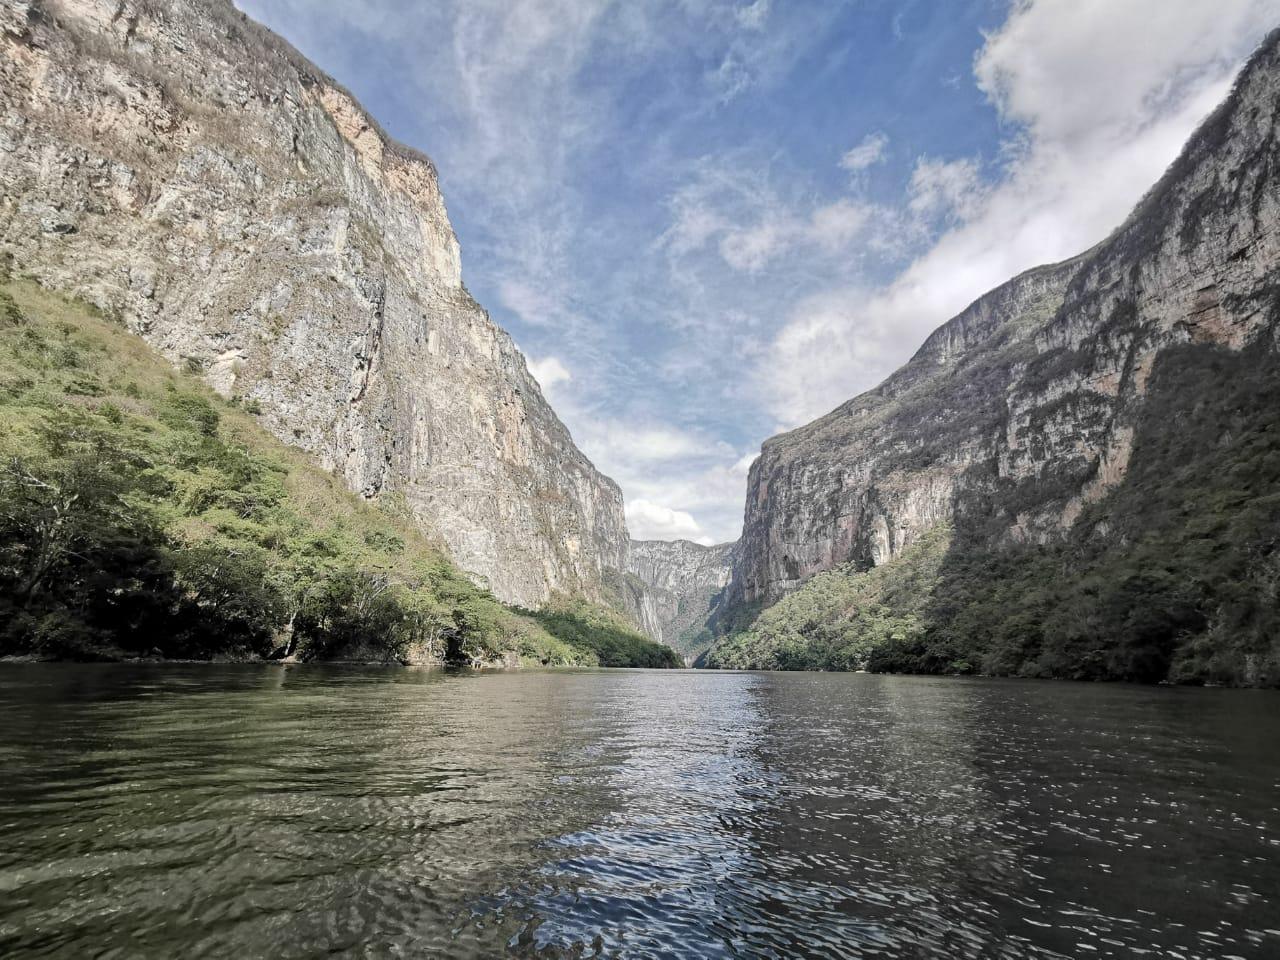 Río Grijalva-Cañón del Sumidero, México